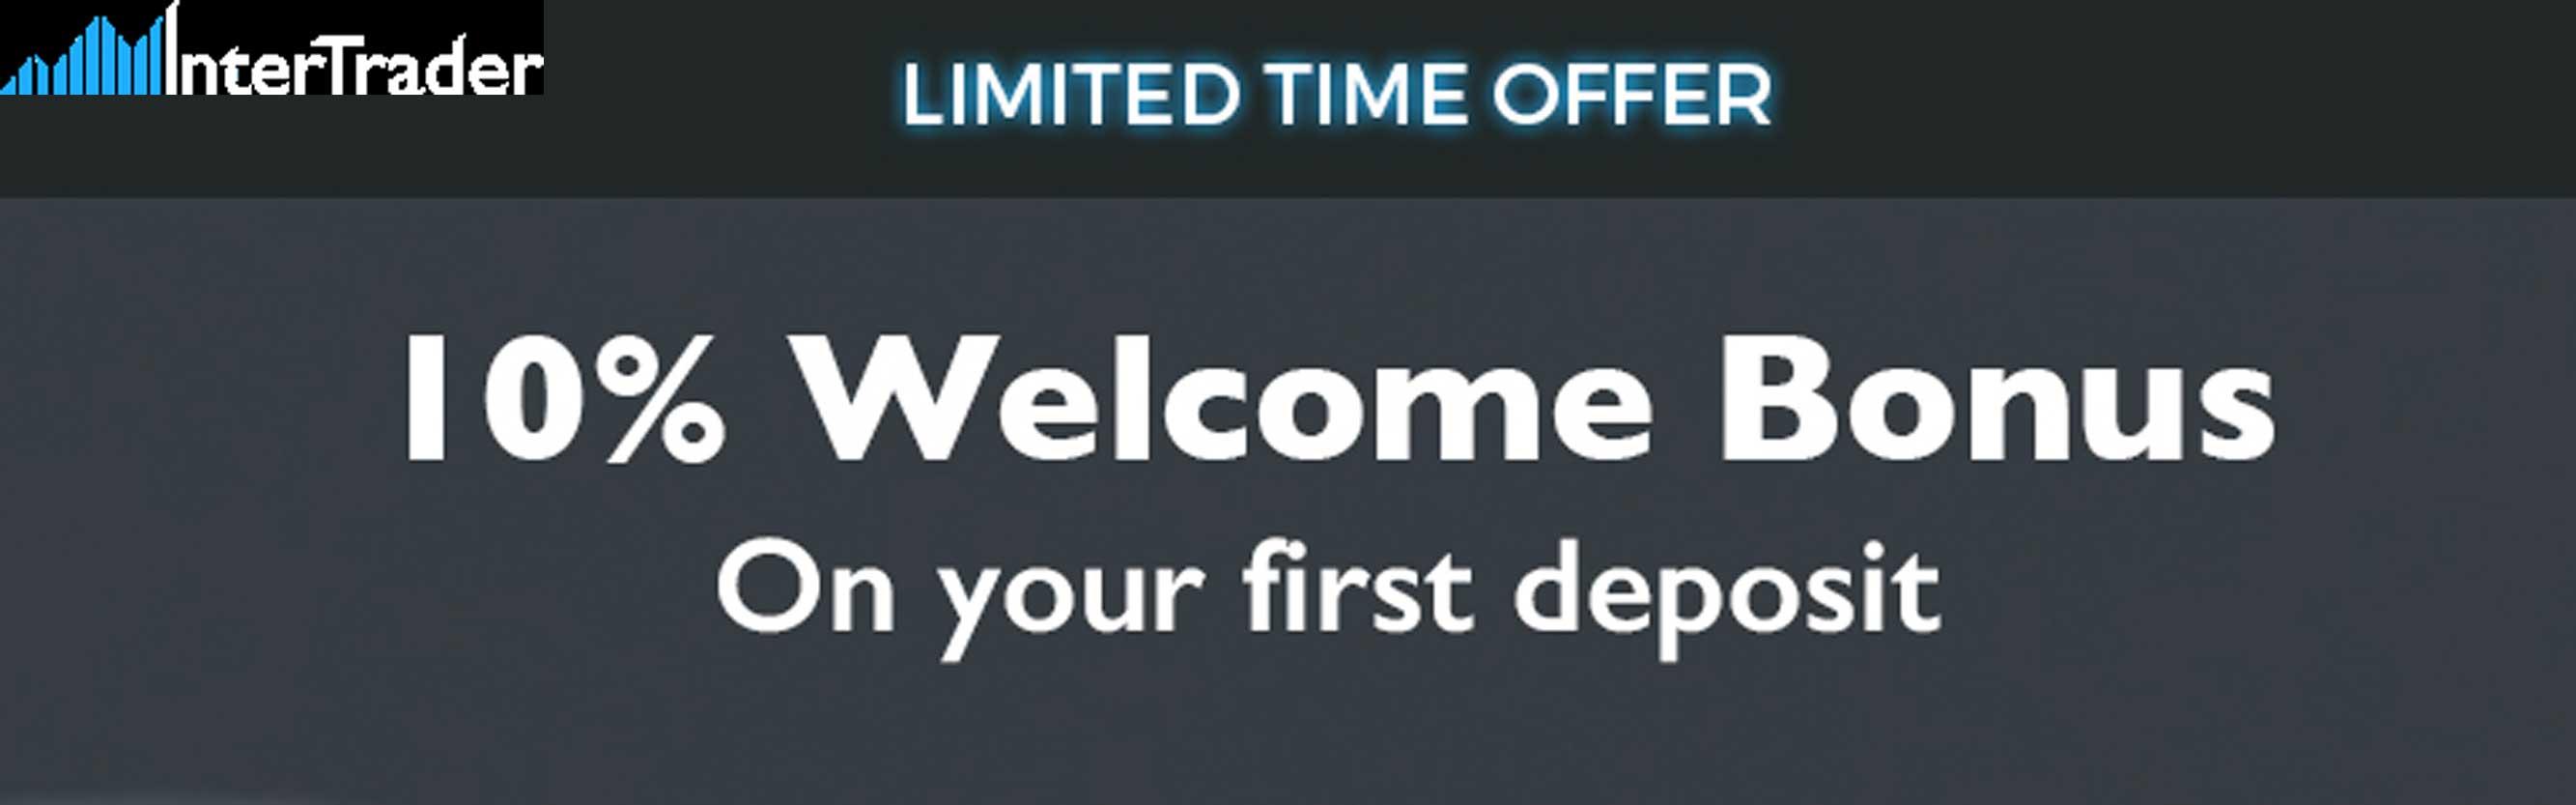 intertrader deposit bonus